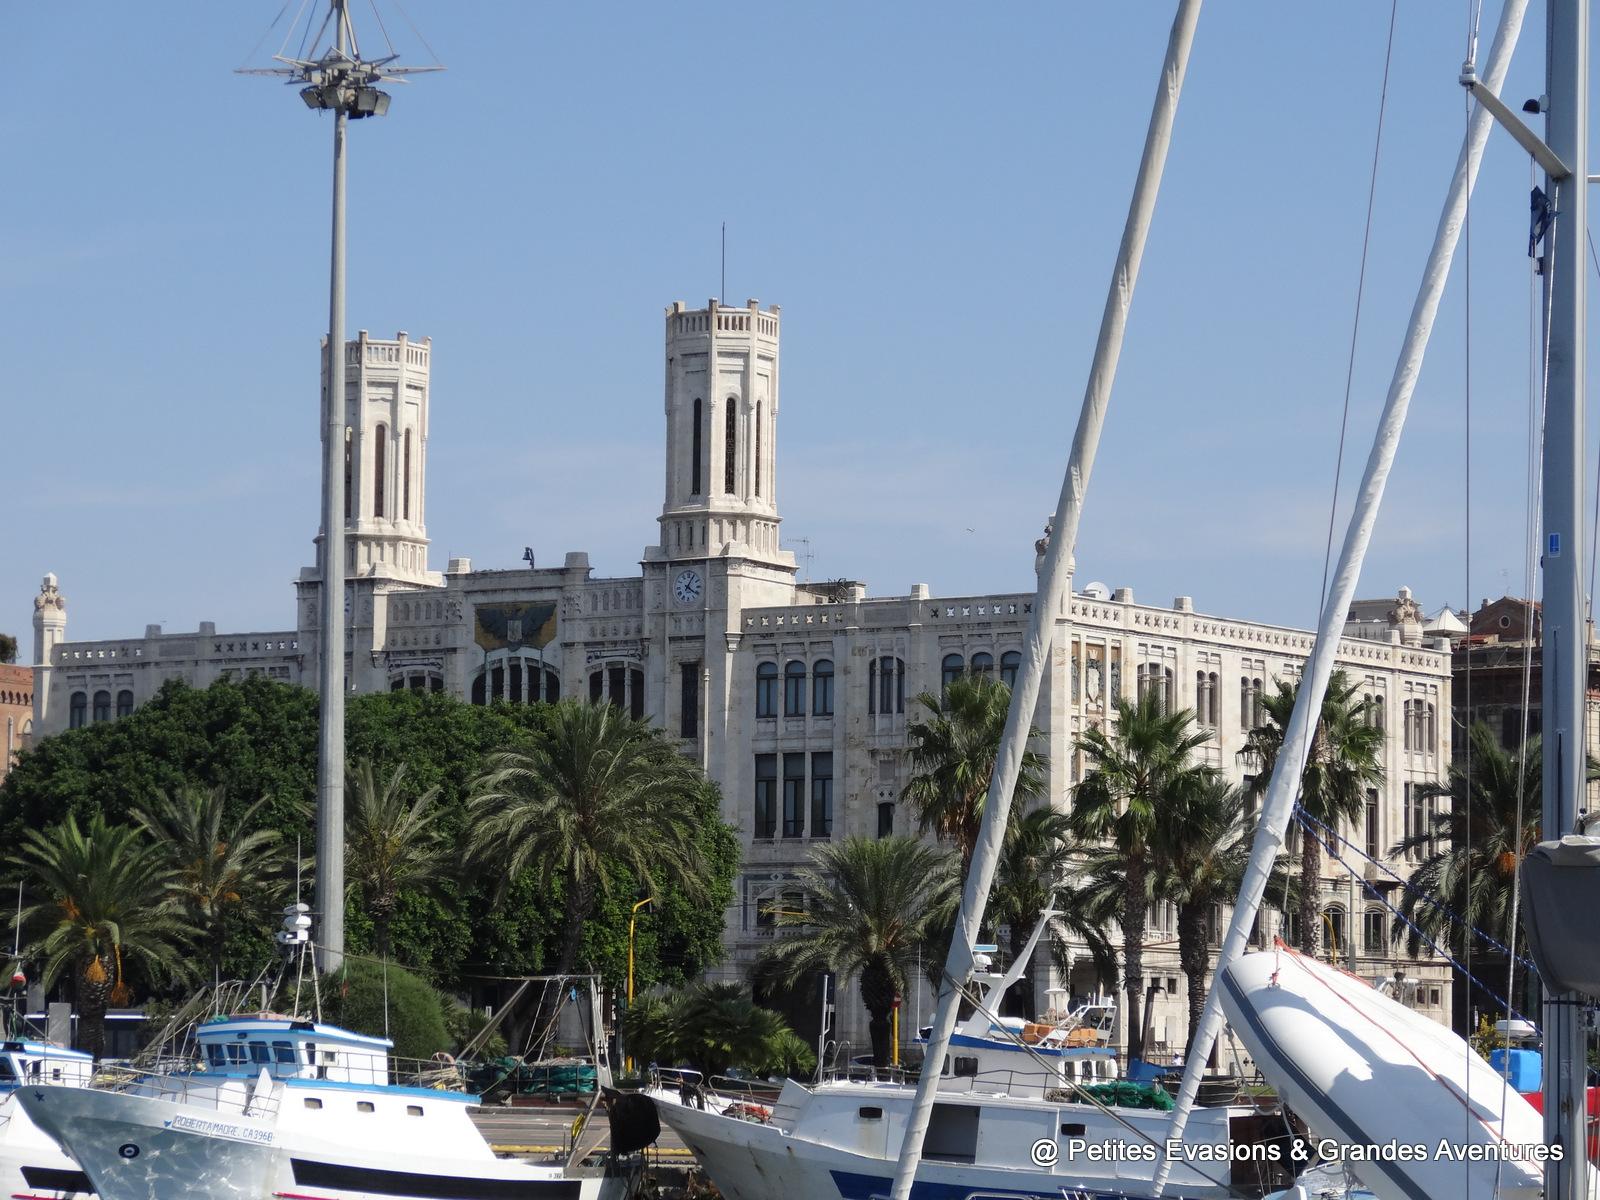 Bâtiment qui accueille l'hôtel de ville de Cagliari